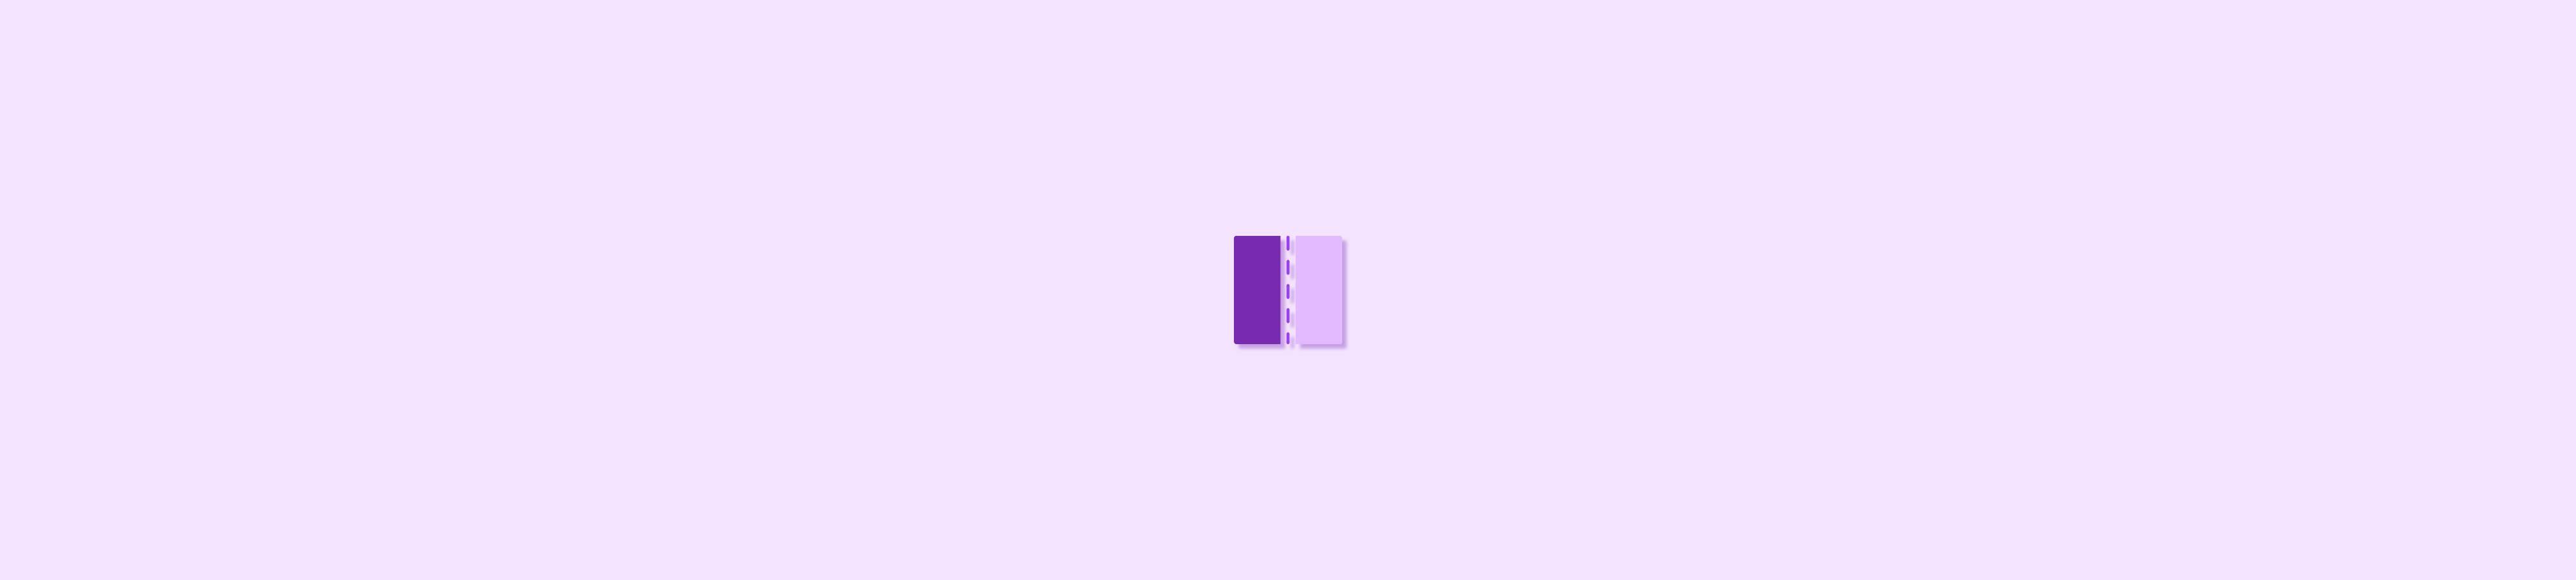 一个PDF如何拆分为多个PDF文件